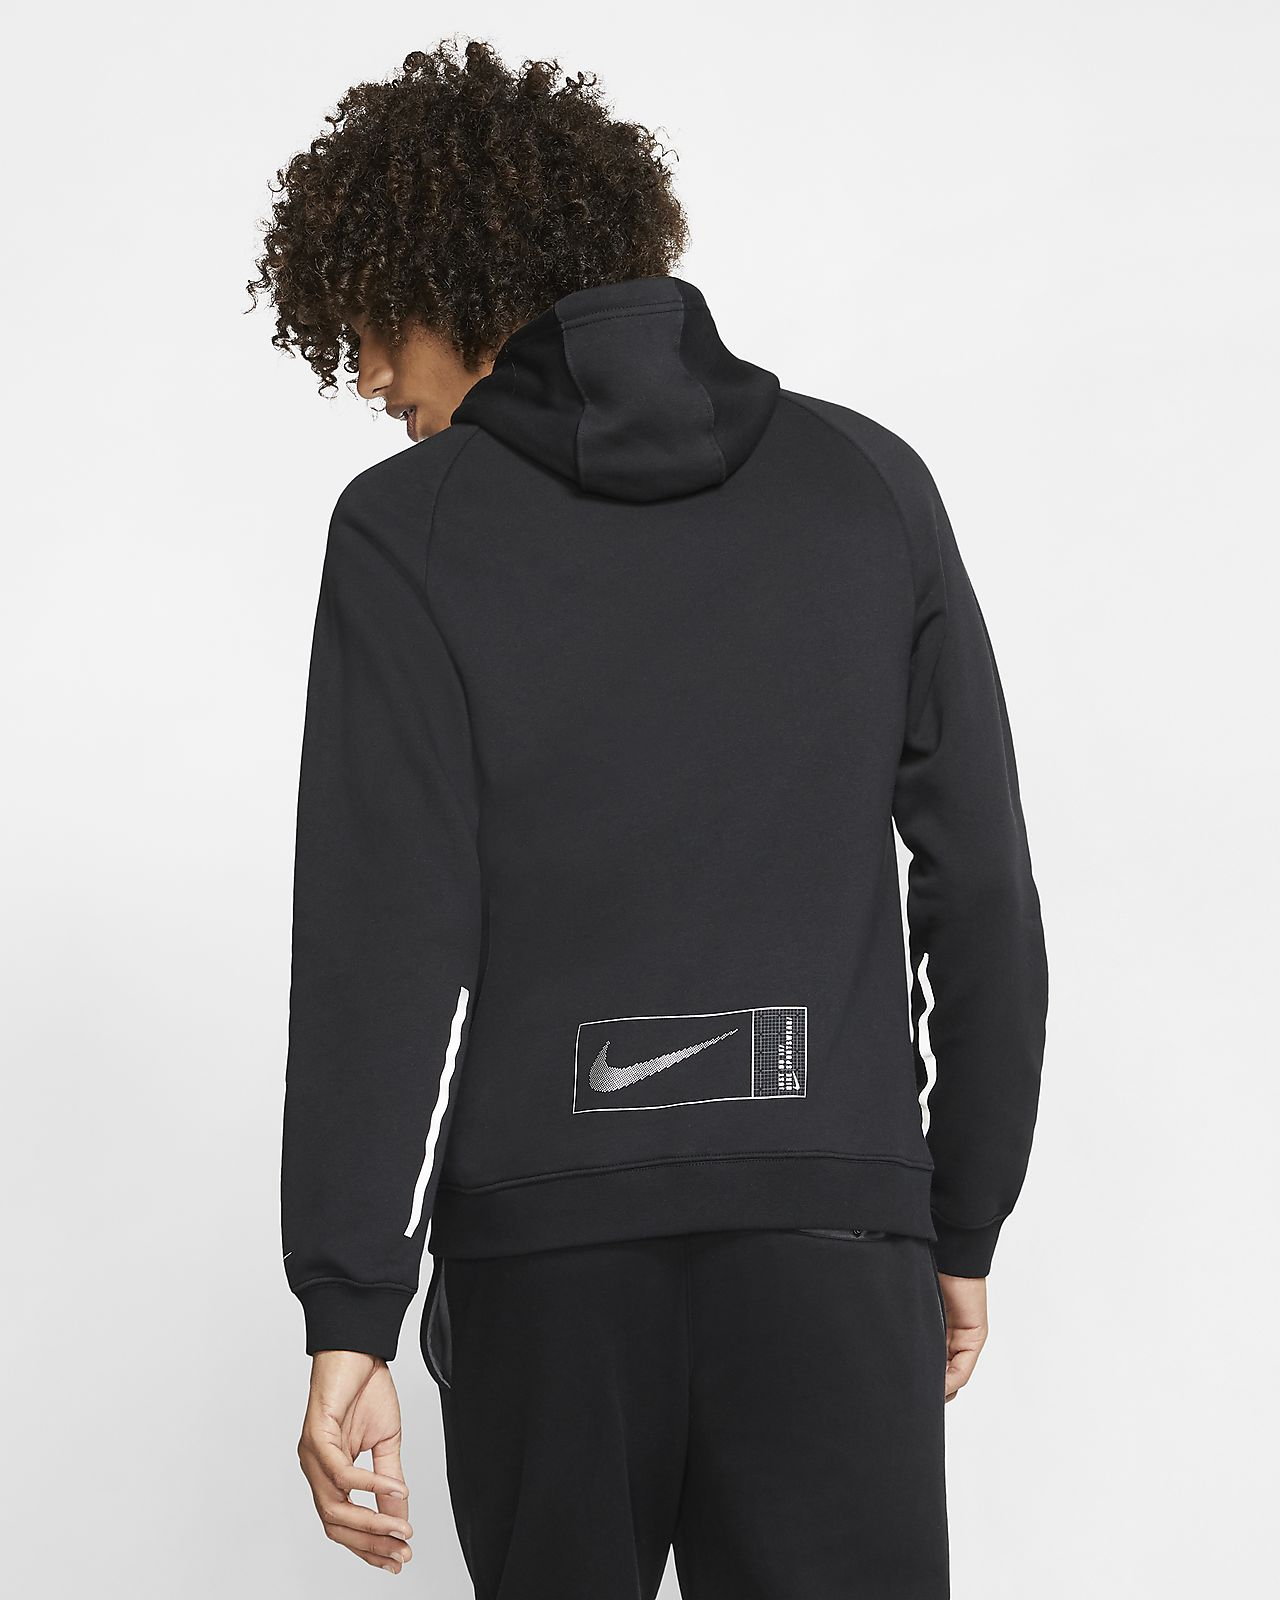 Sportswear pour à capuche Femme Sweat Nike qzUVpSGM